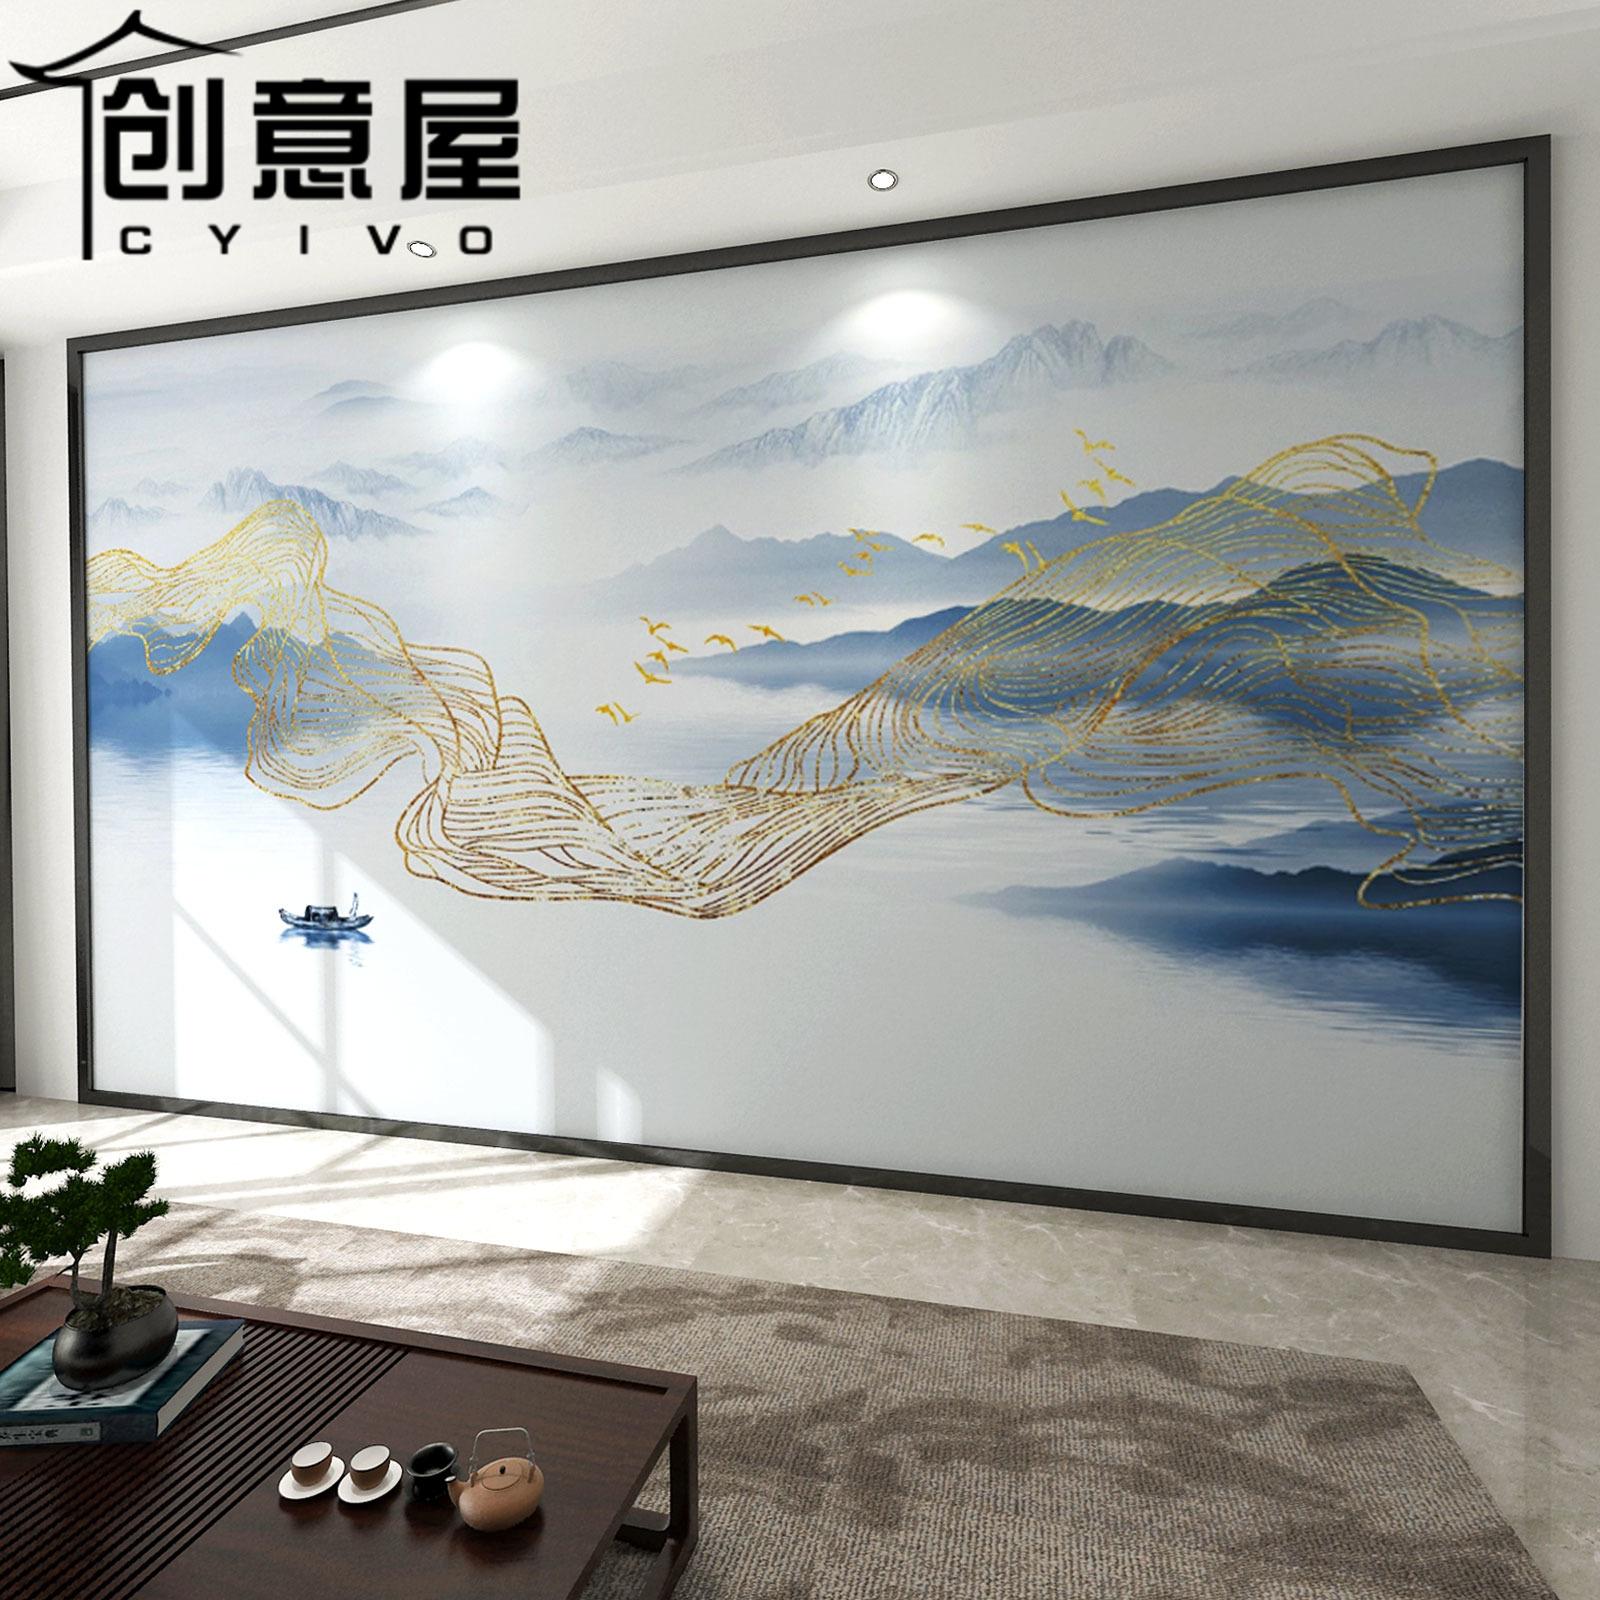 现代新中式抽象金色线条山水沙发客厅影视墙布电视背景墙壁纸壁画